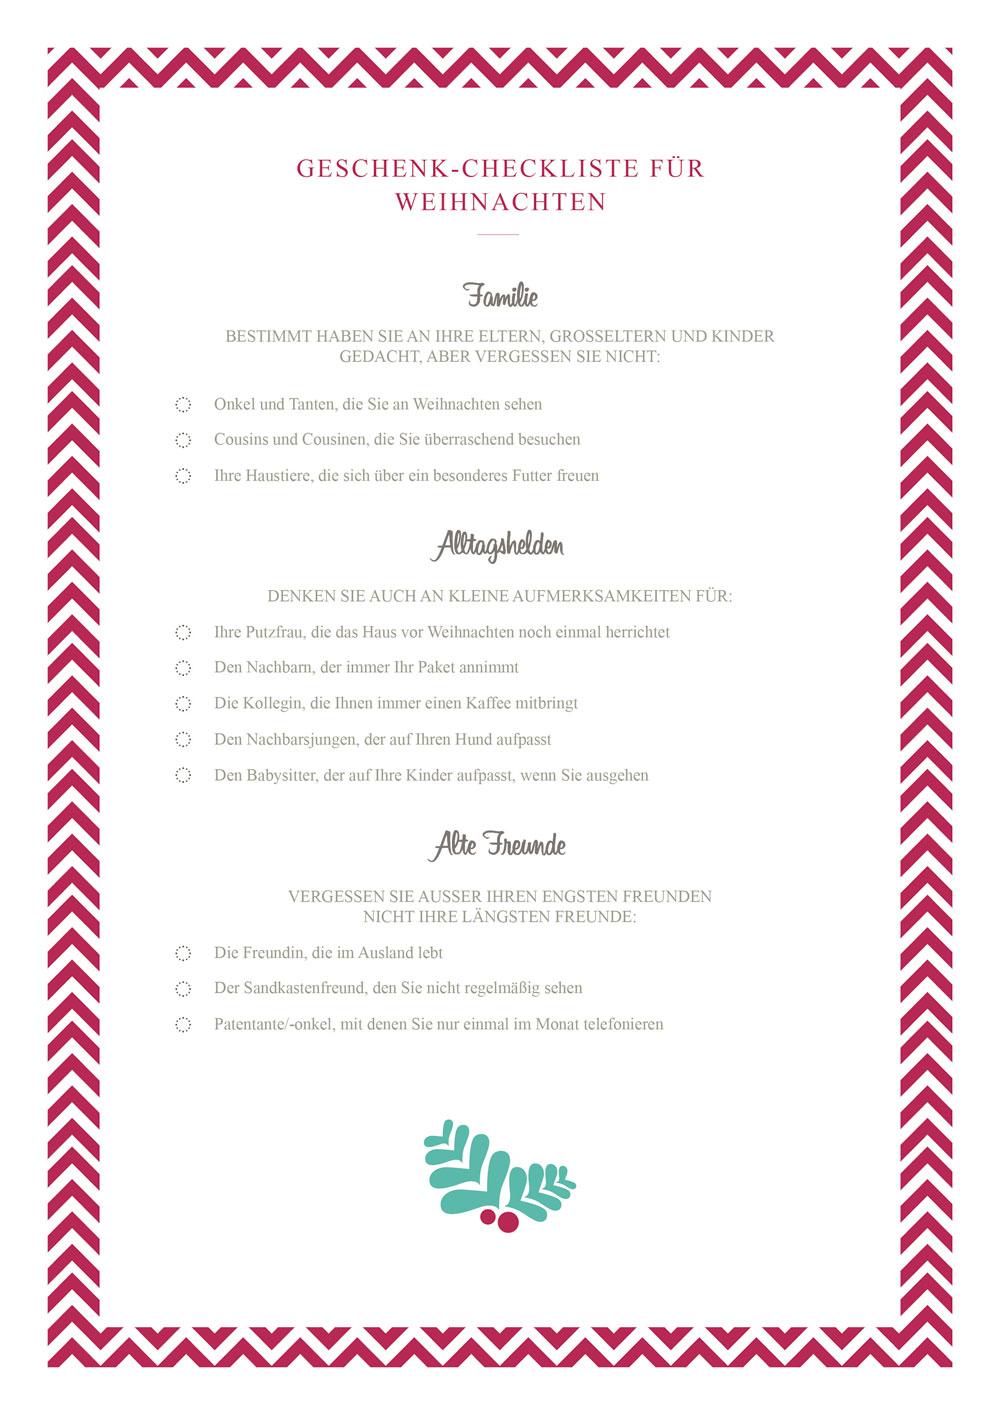 Geschenke-Checkliste für Weihnachten - Westwing Magazin